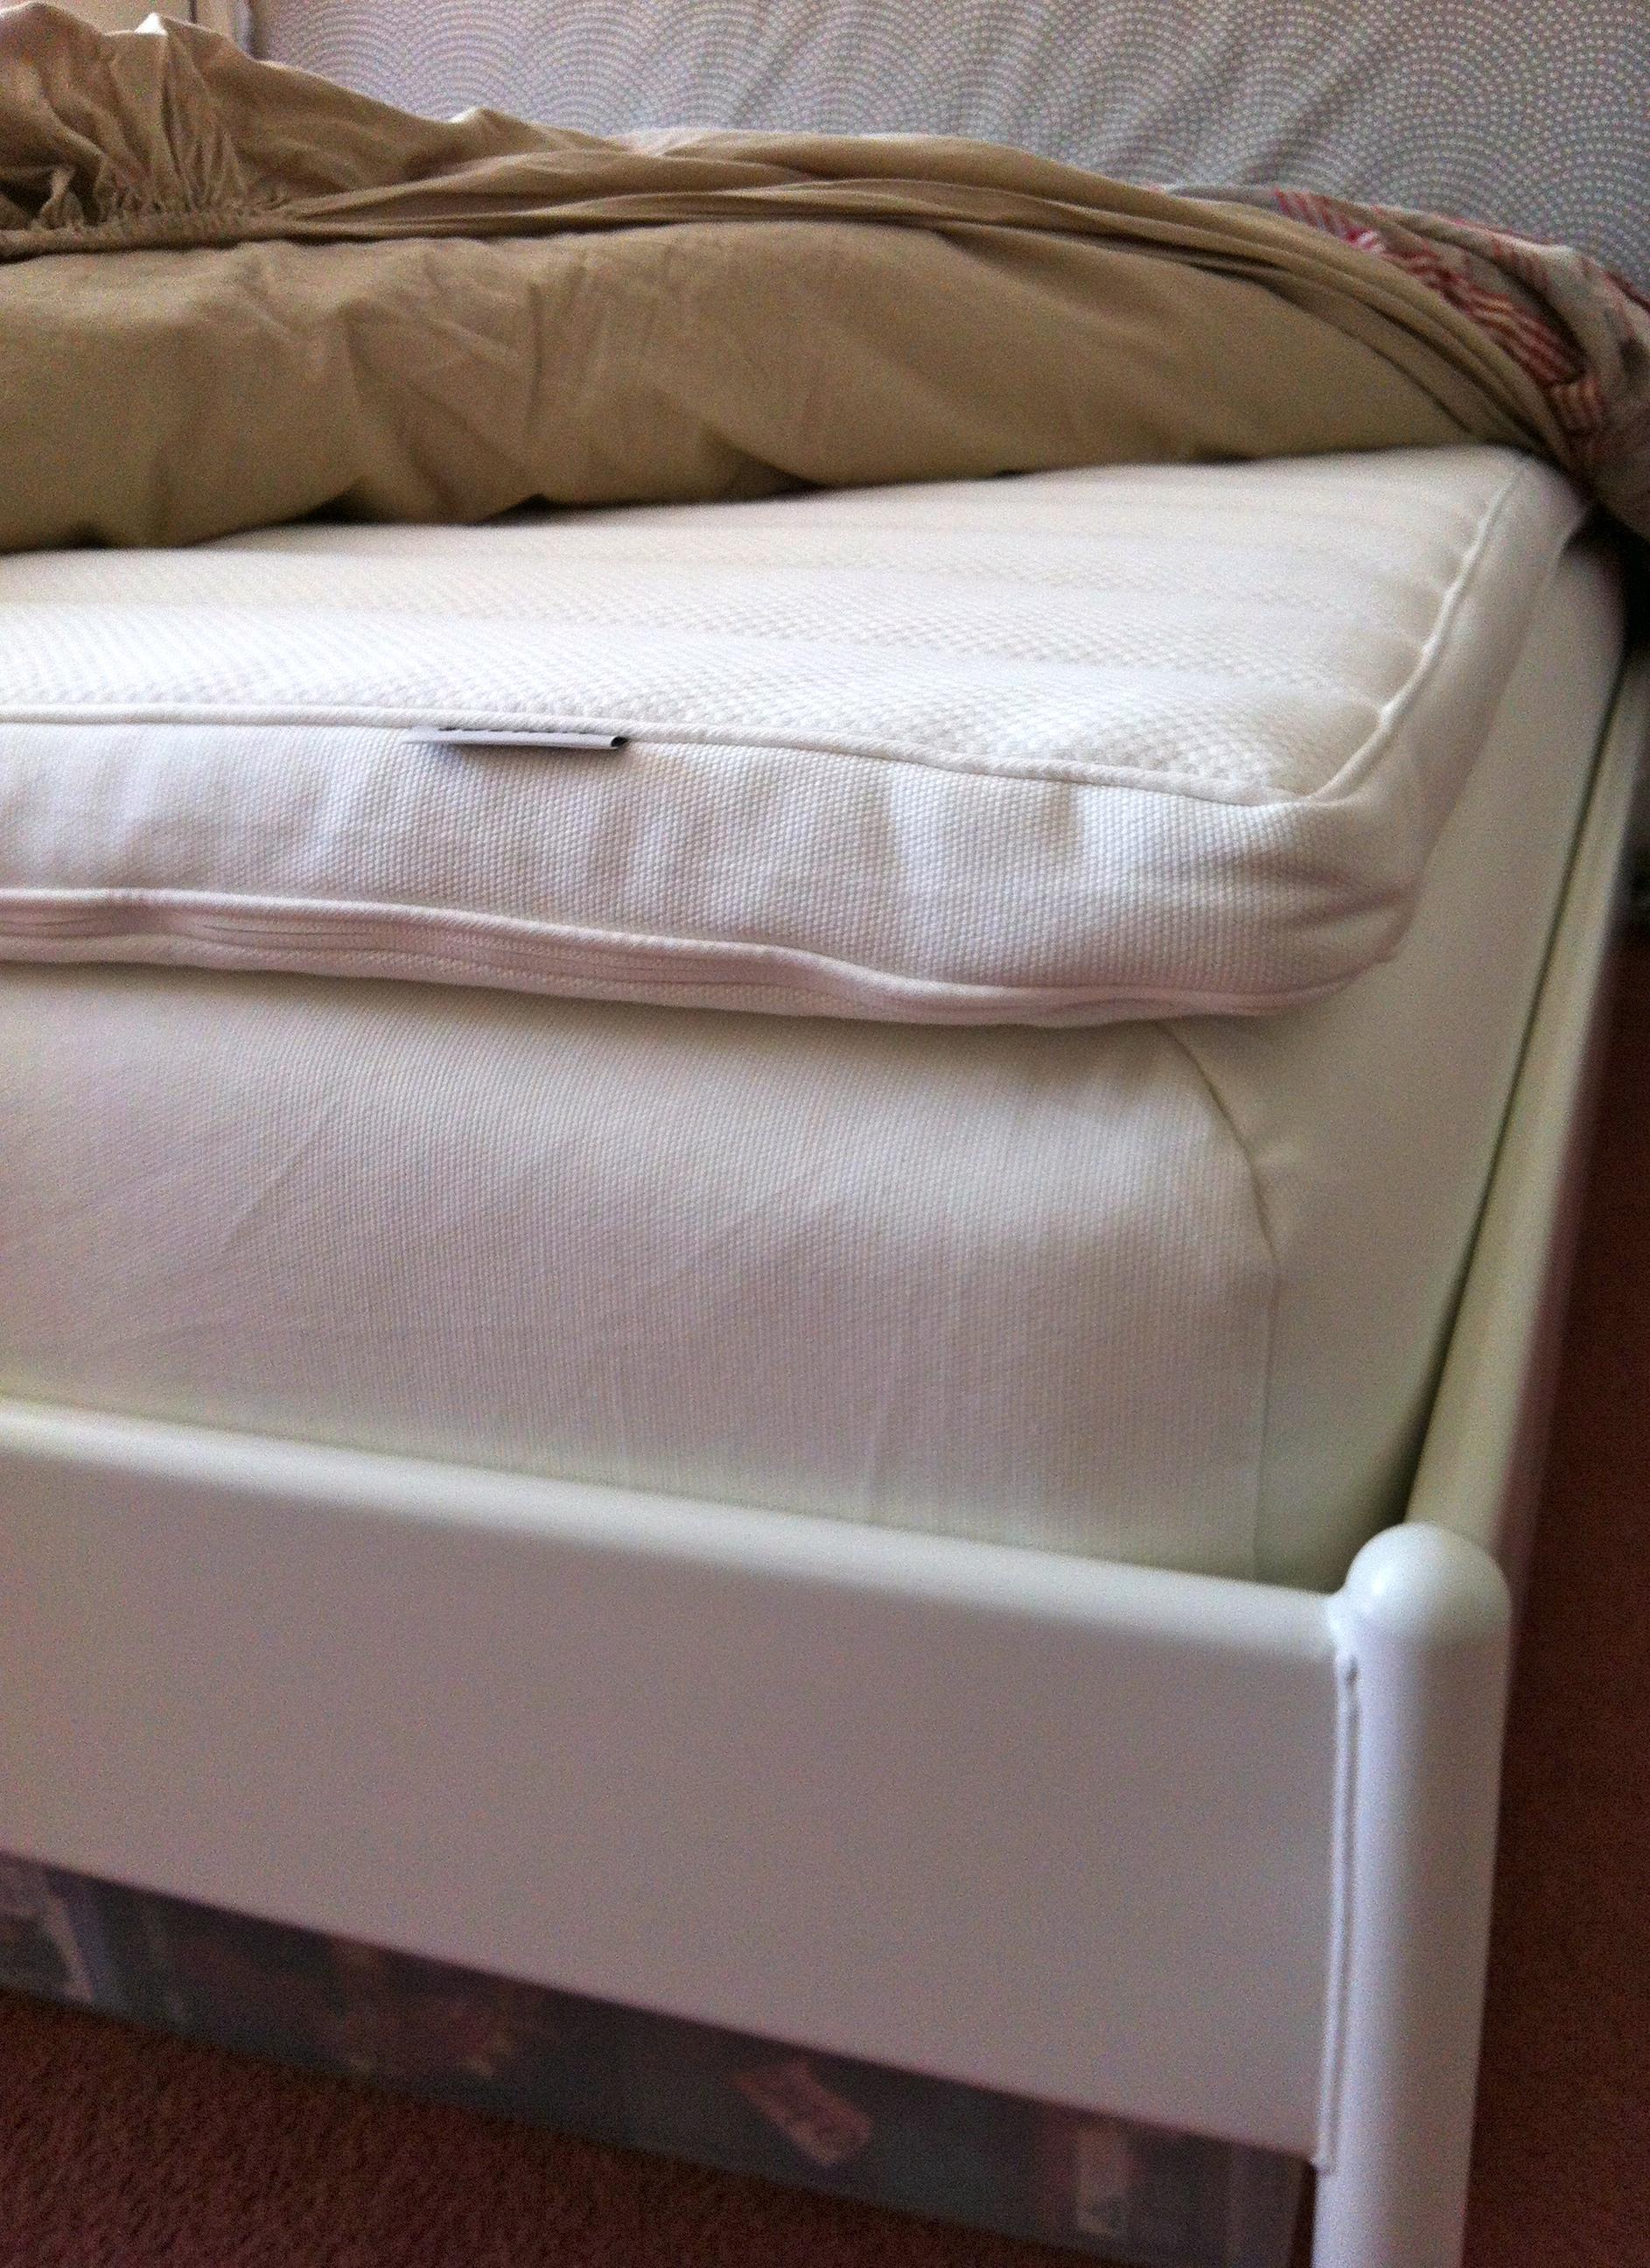 hvid-cool-madras-Topper-til-smukke-værelses-dekoration-ideer-køling-madras-Topper-anmeldelser-cool-madras-Topper-memory-skum-4-tommer-madras-Topper-elektrisk-køling-blanket- afkøling-madras-topp